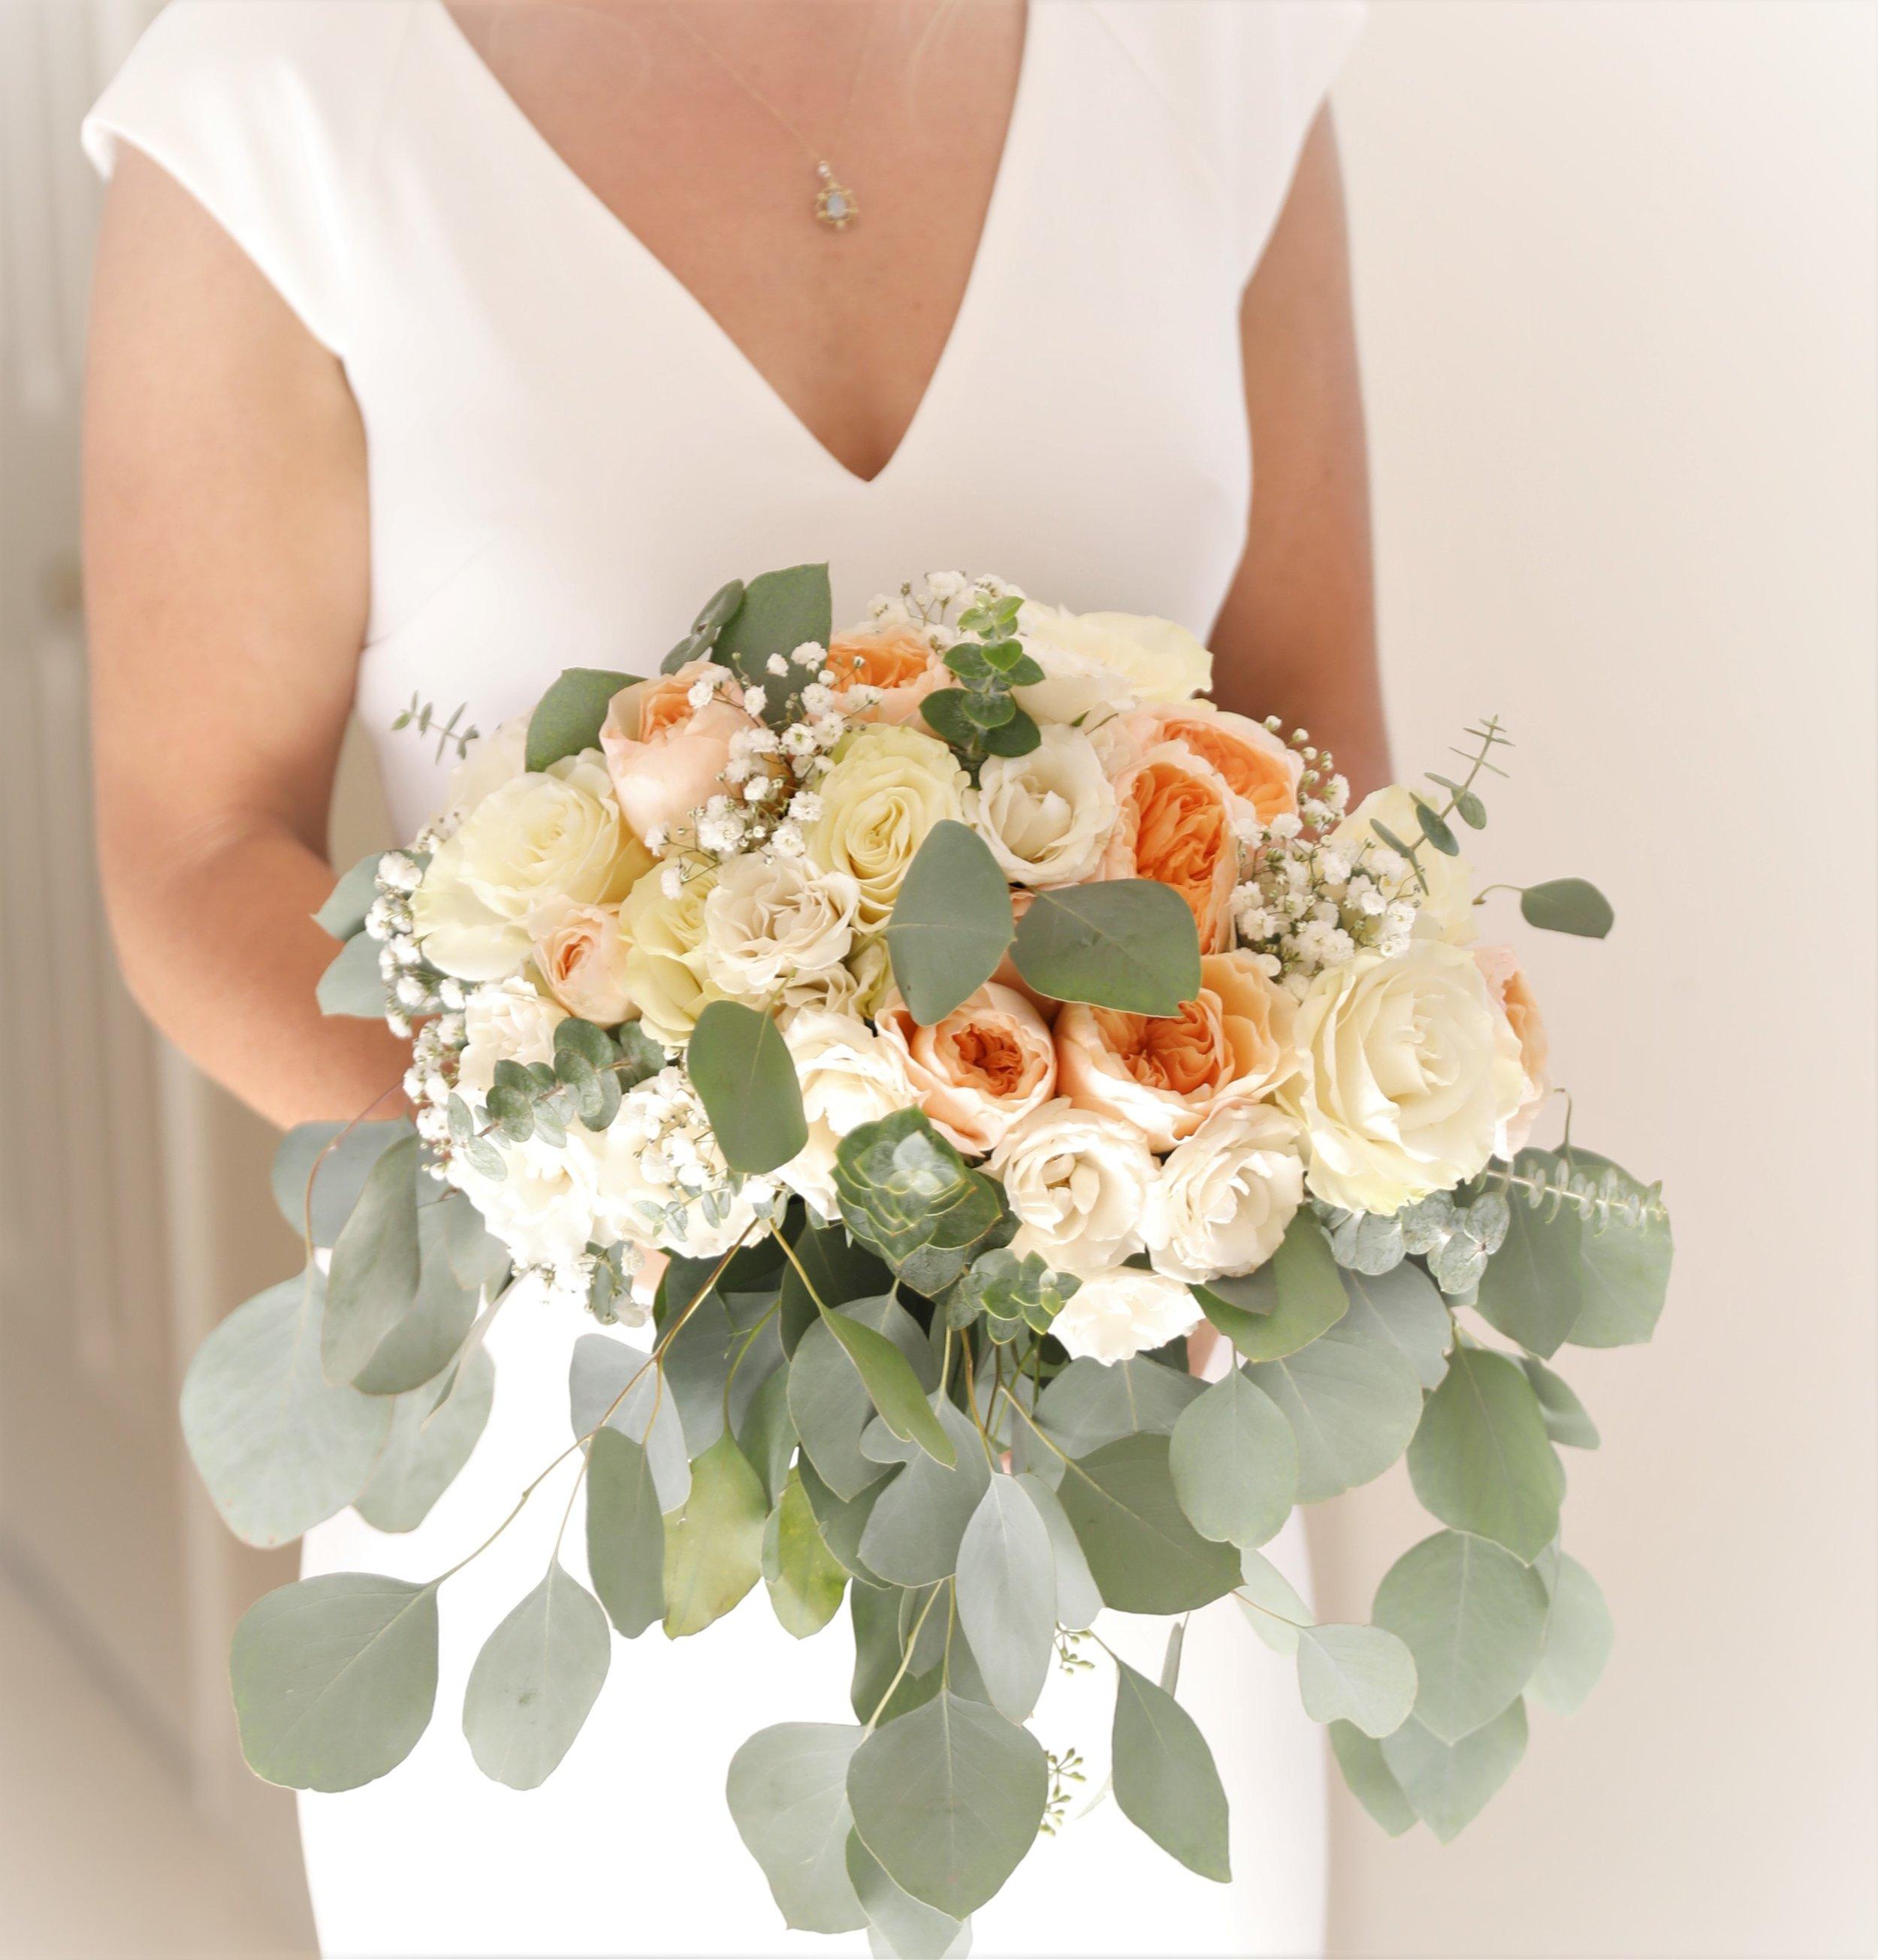 _00A1287 Bridal Bouquet pic.jpg